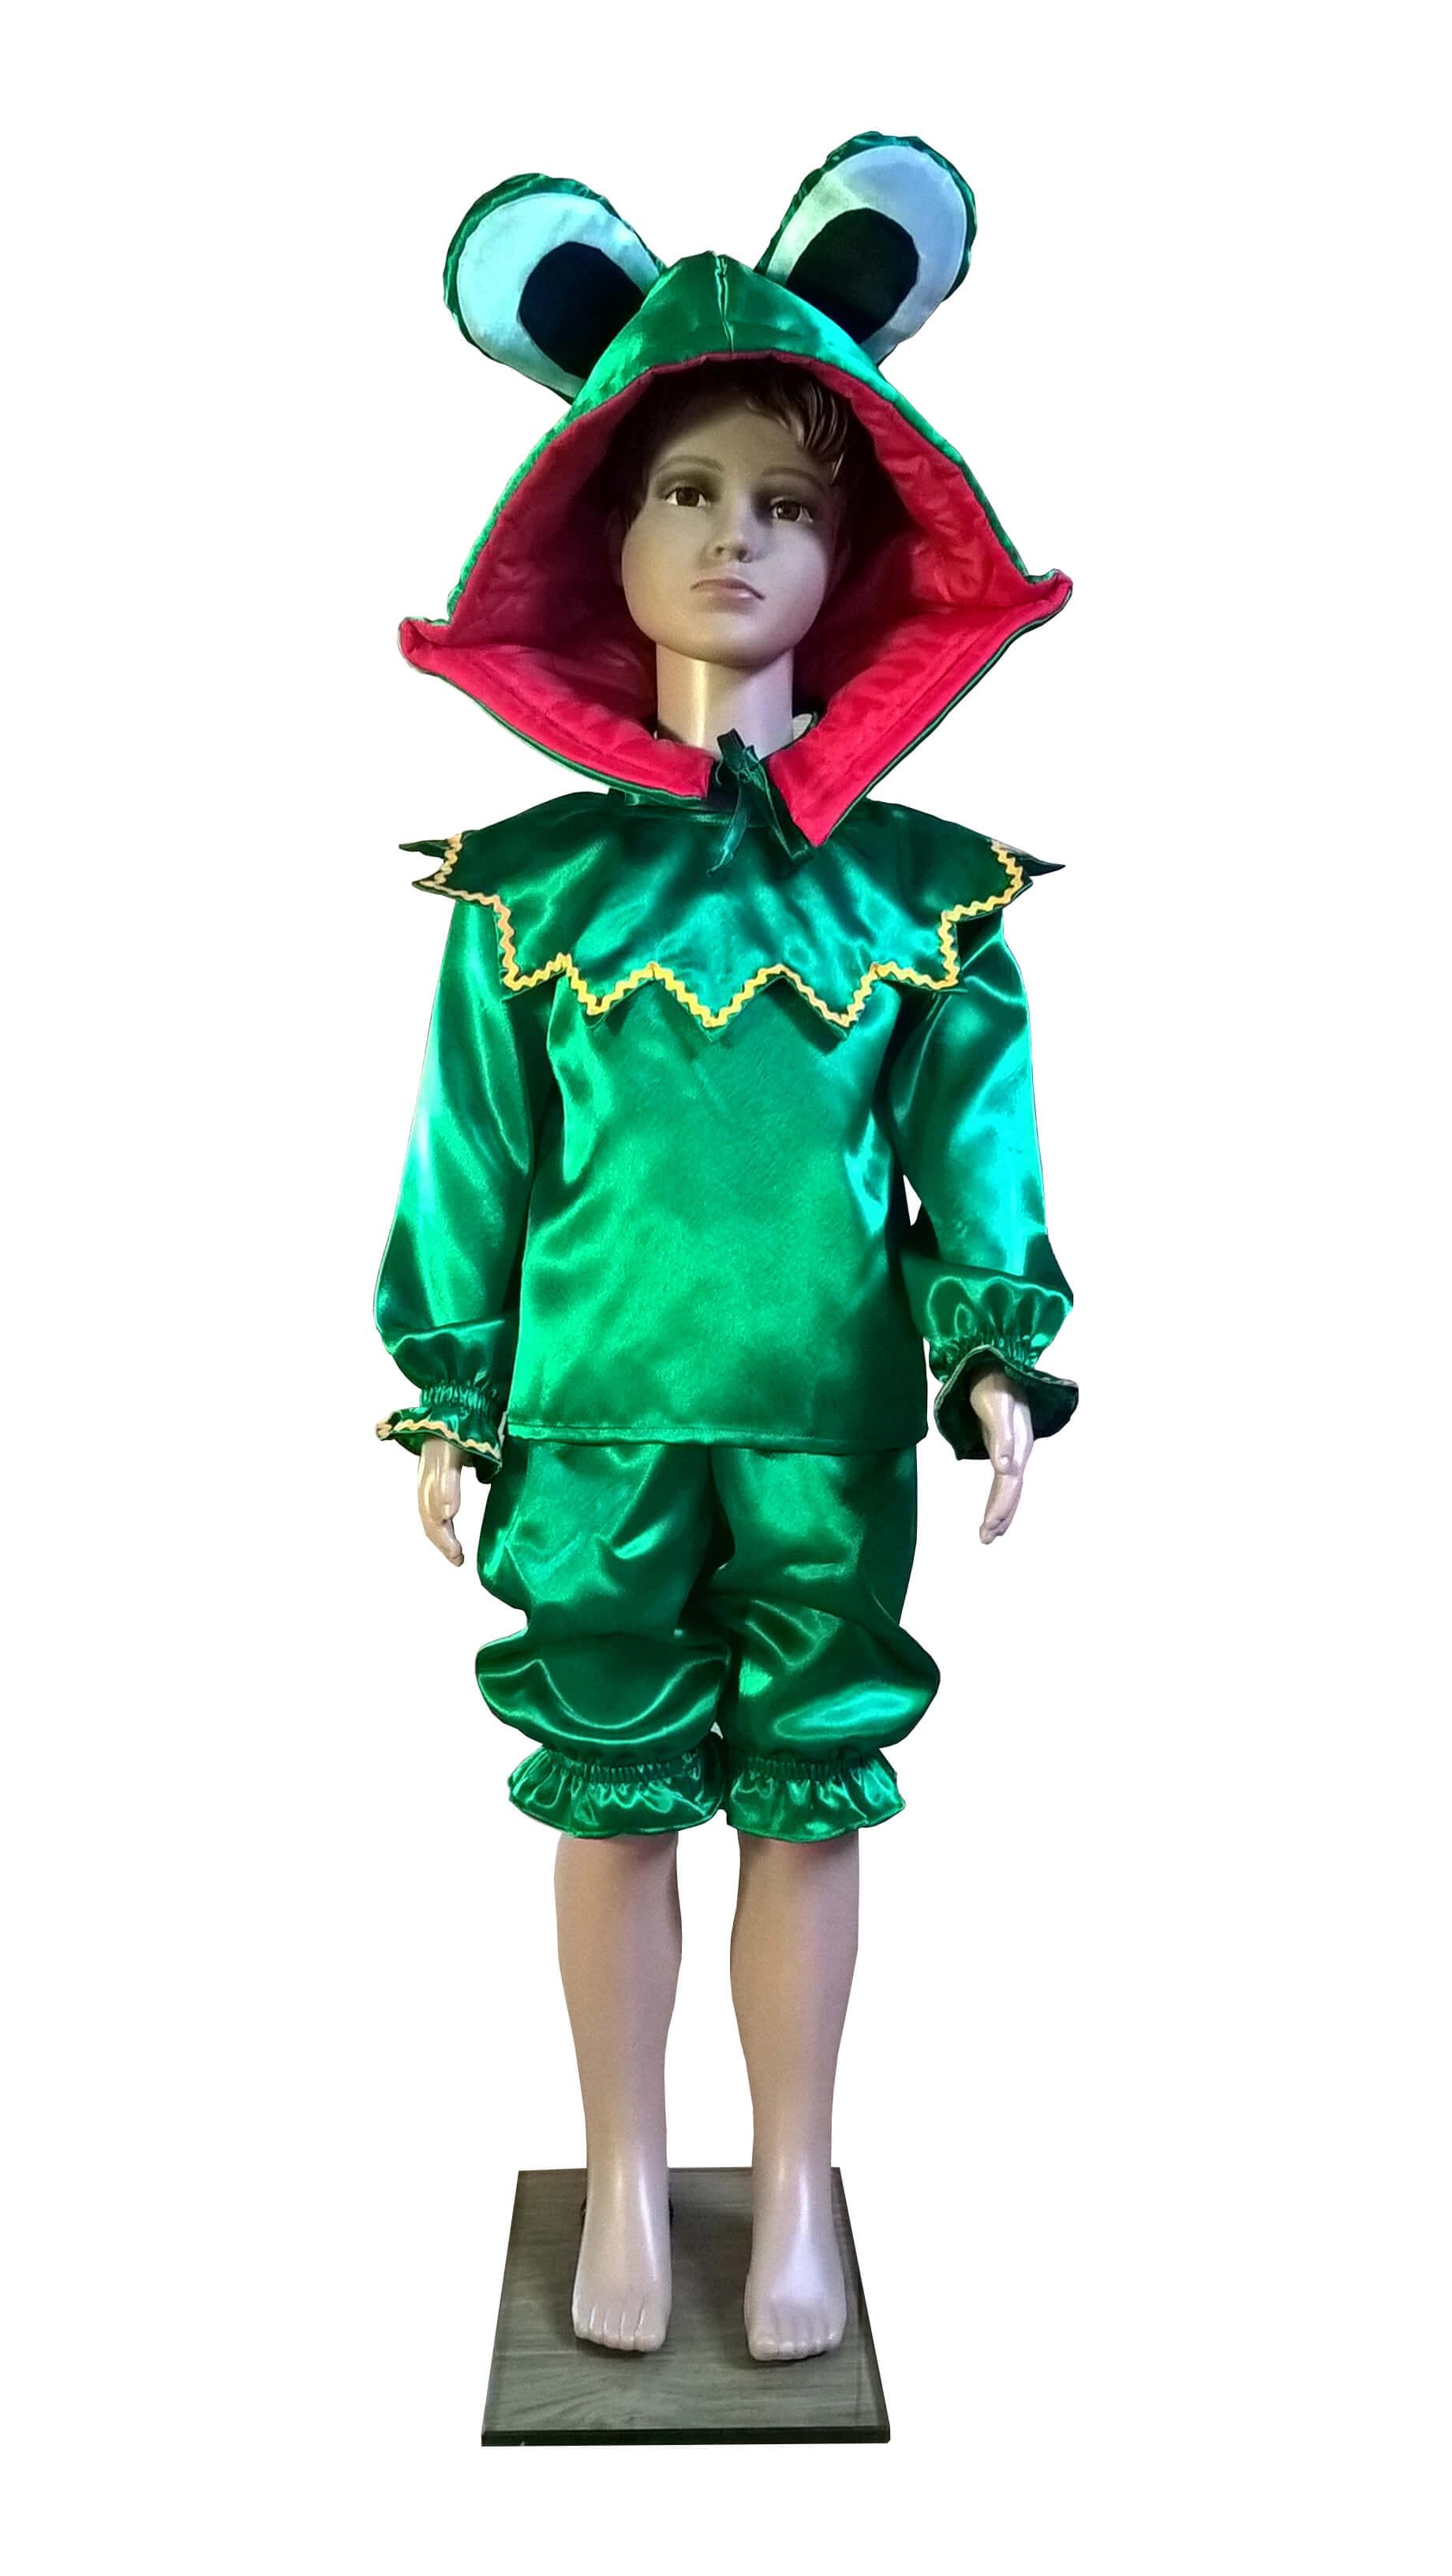 костюм лягушки. Varlės kostiumas. Gyvunų karnavaliniai kostiumai. Karnavaliniu kostiumu nuoma vaikams Vilniuje - pasakunamai.lt